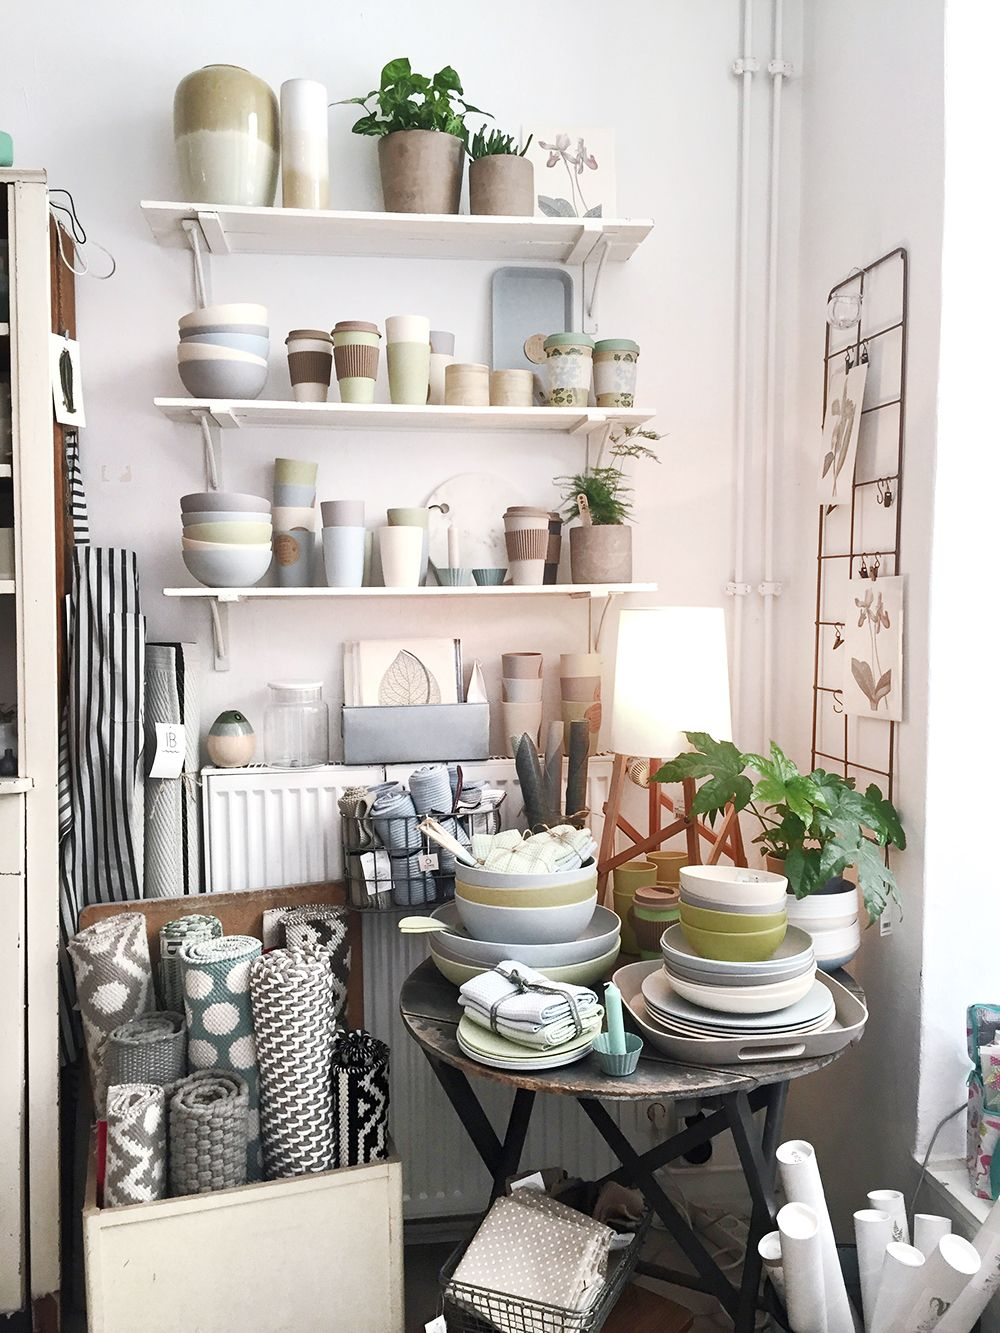 Im Laden interior laden berlin bamboo küche Shabby